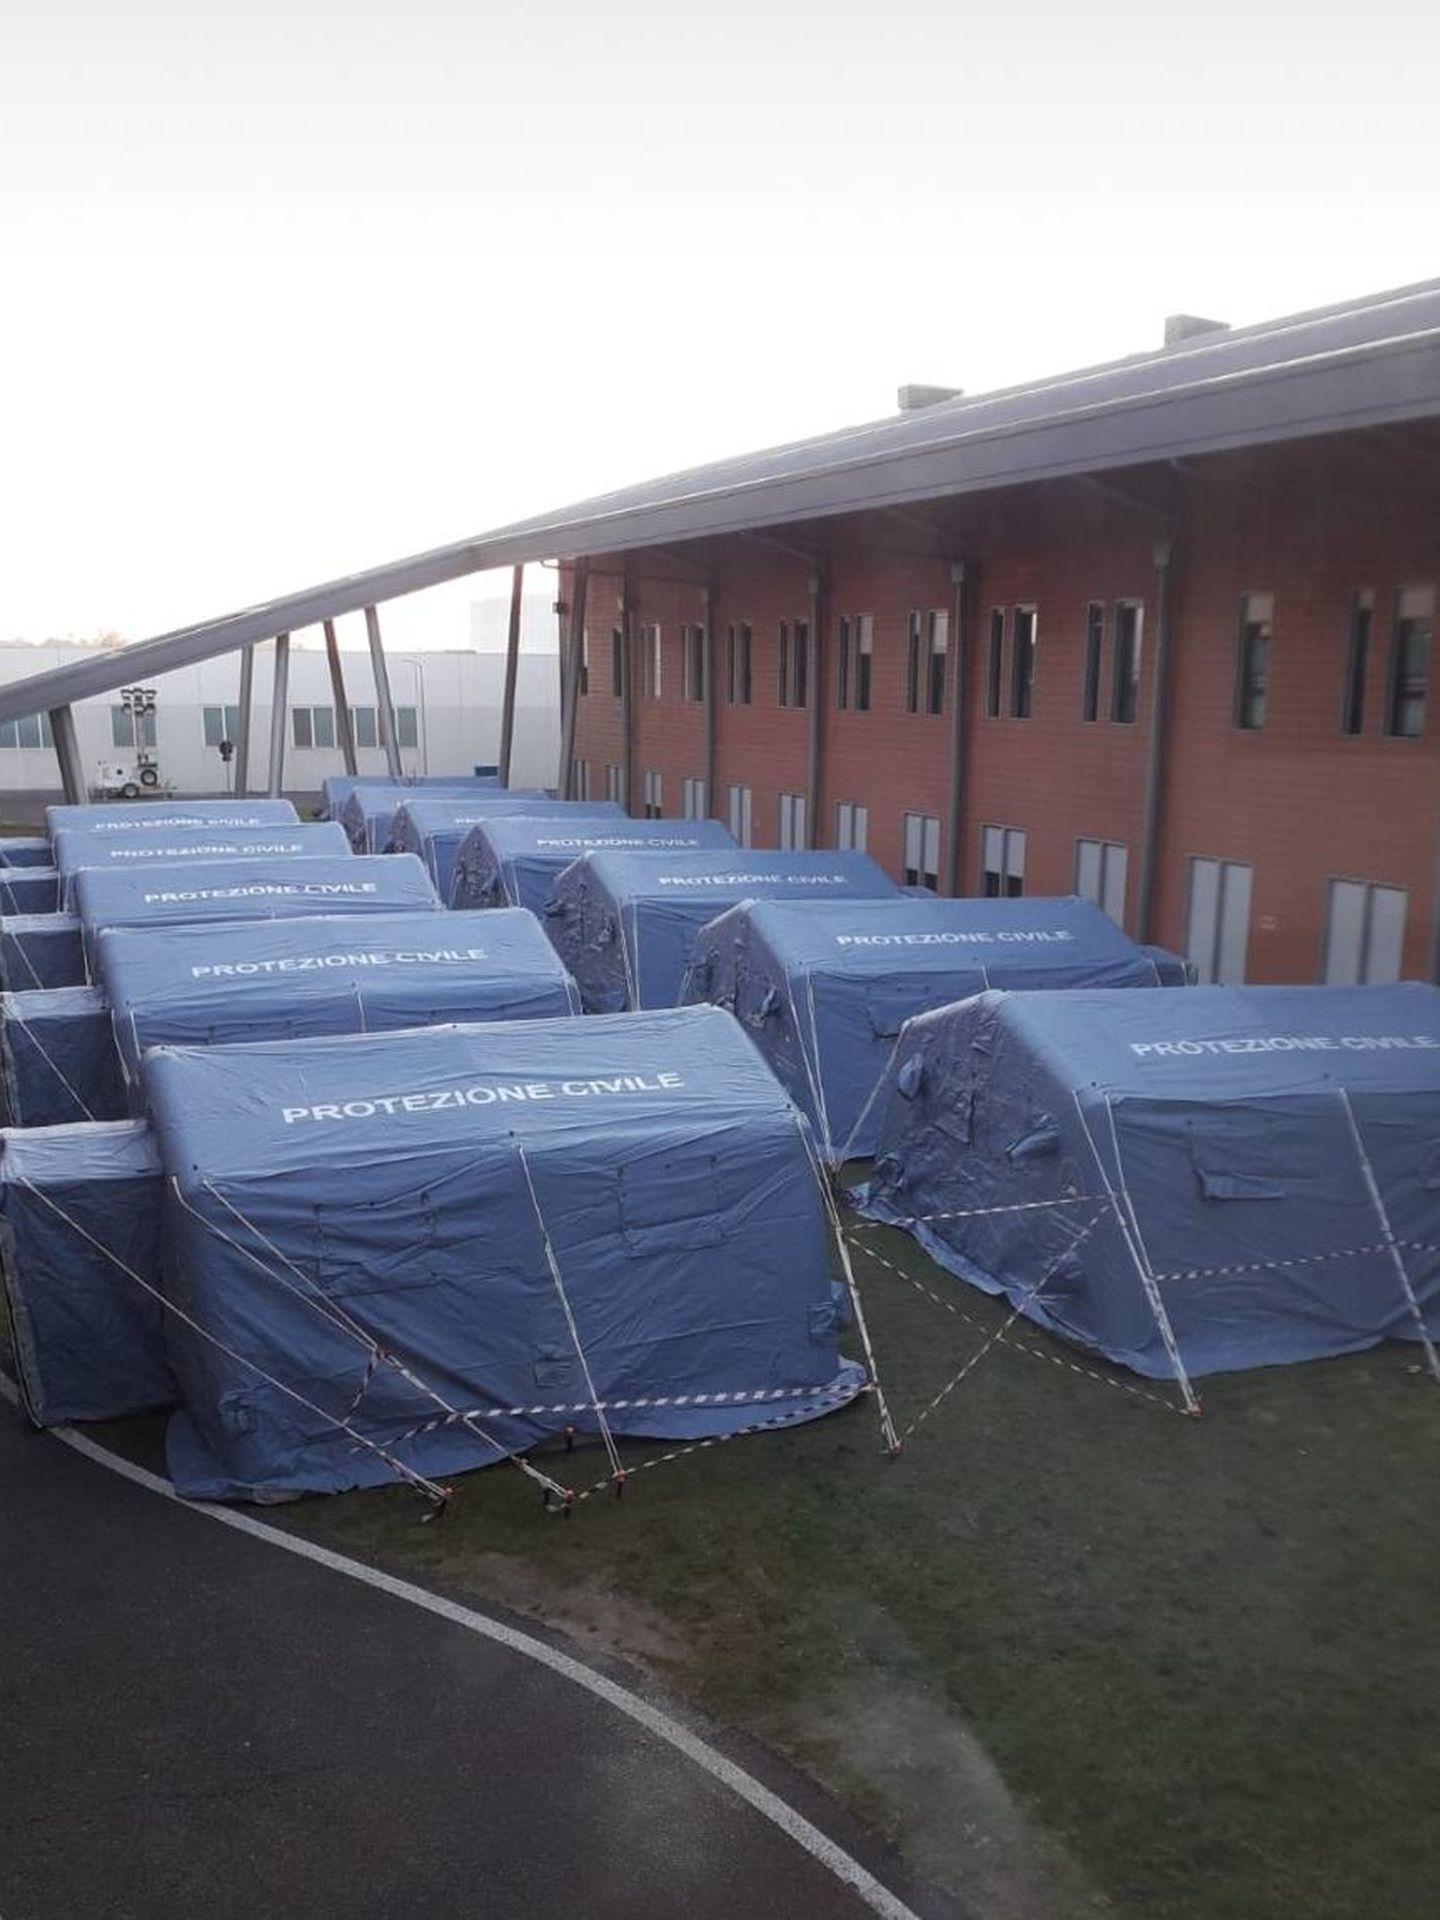 Varias tiendas preparadas para aislar a pacientes en el Hospital de Véneto.